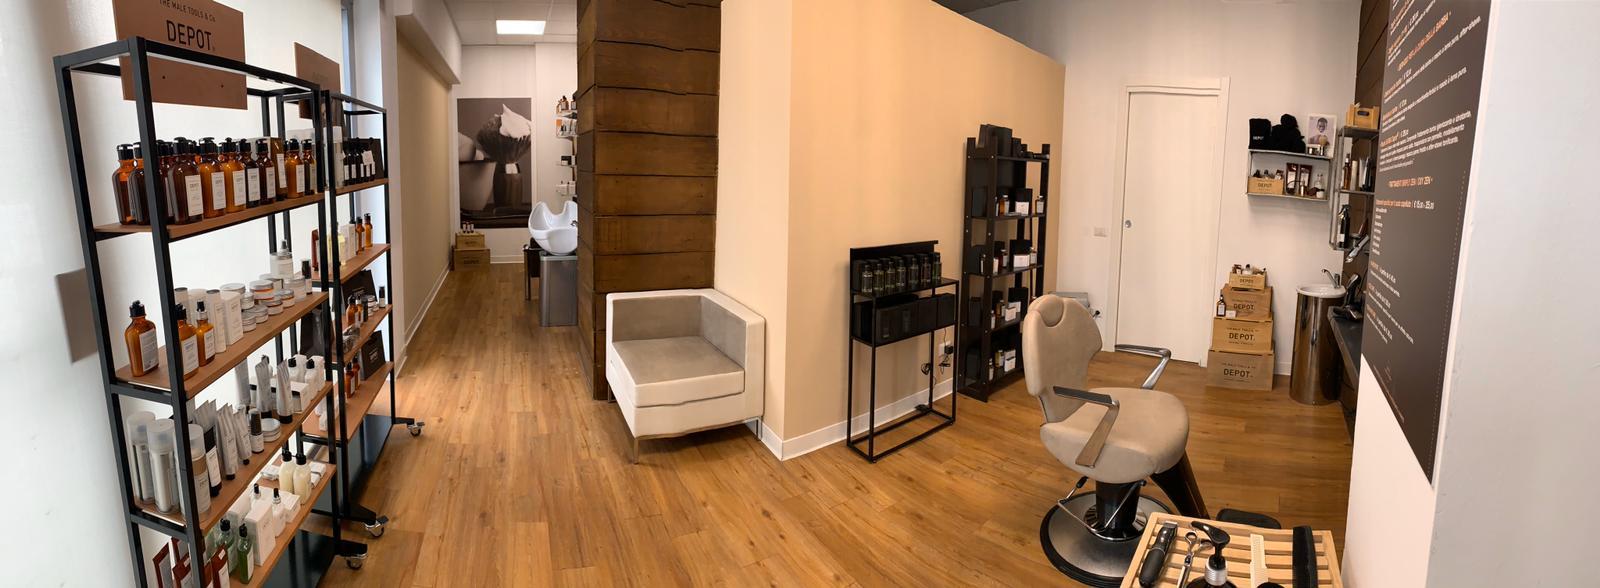 JONI l'Atelier della Bellezza - Salone di bellezza Borgosesia, Verceli | Consulenza & Styling | Parruchieri Donna - La Barberia - Epil Laser